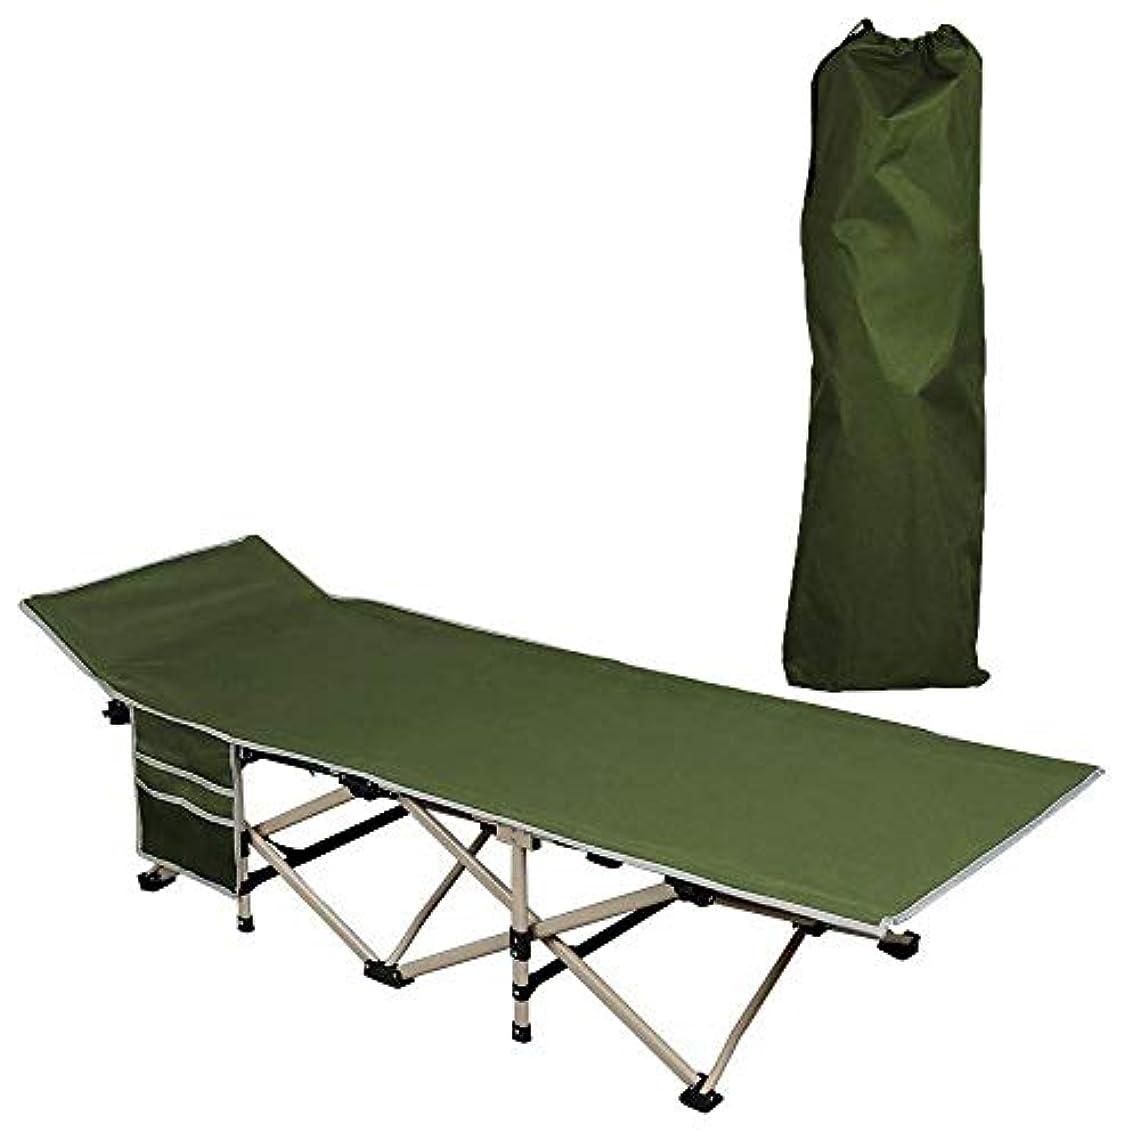 繊細閉じる雪だるまgo2buyポータブルメタル折りたたみキャンプCotsベッドfor Adults W / Free Carry Bag Army Green、73.2 X 26 X 20.5 ( LxWxH )